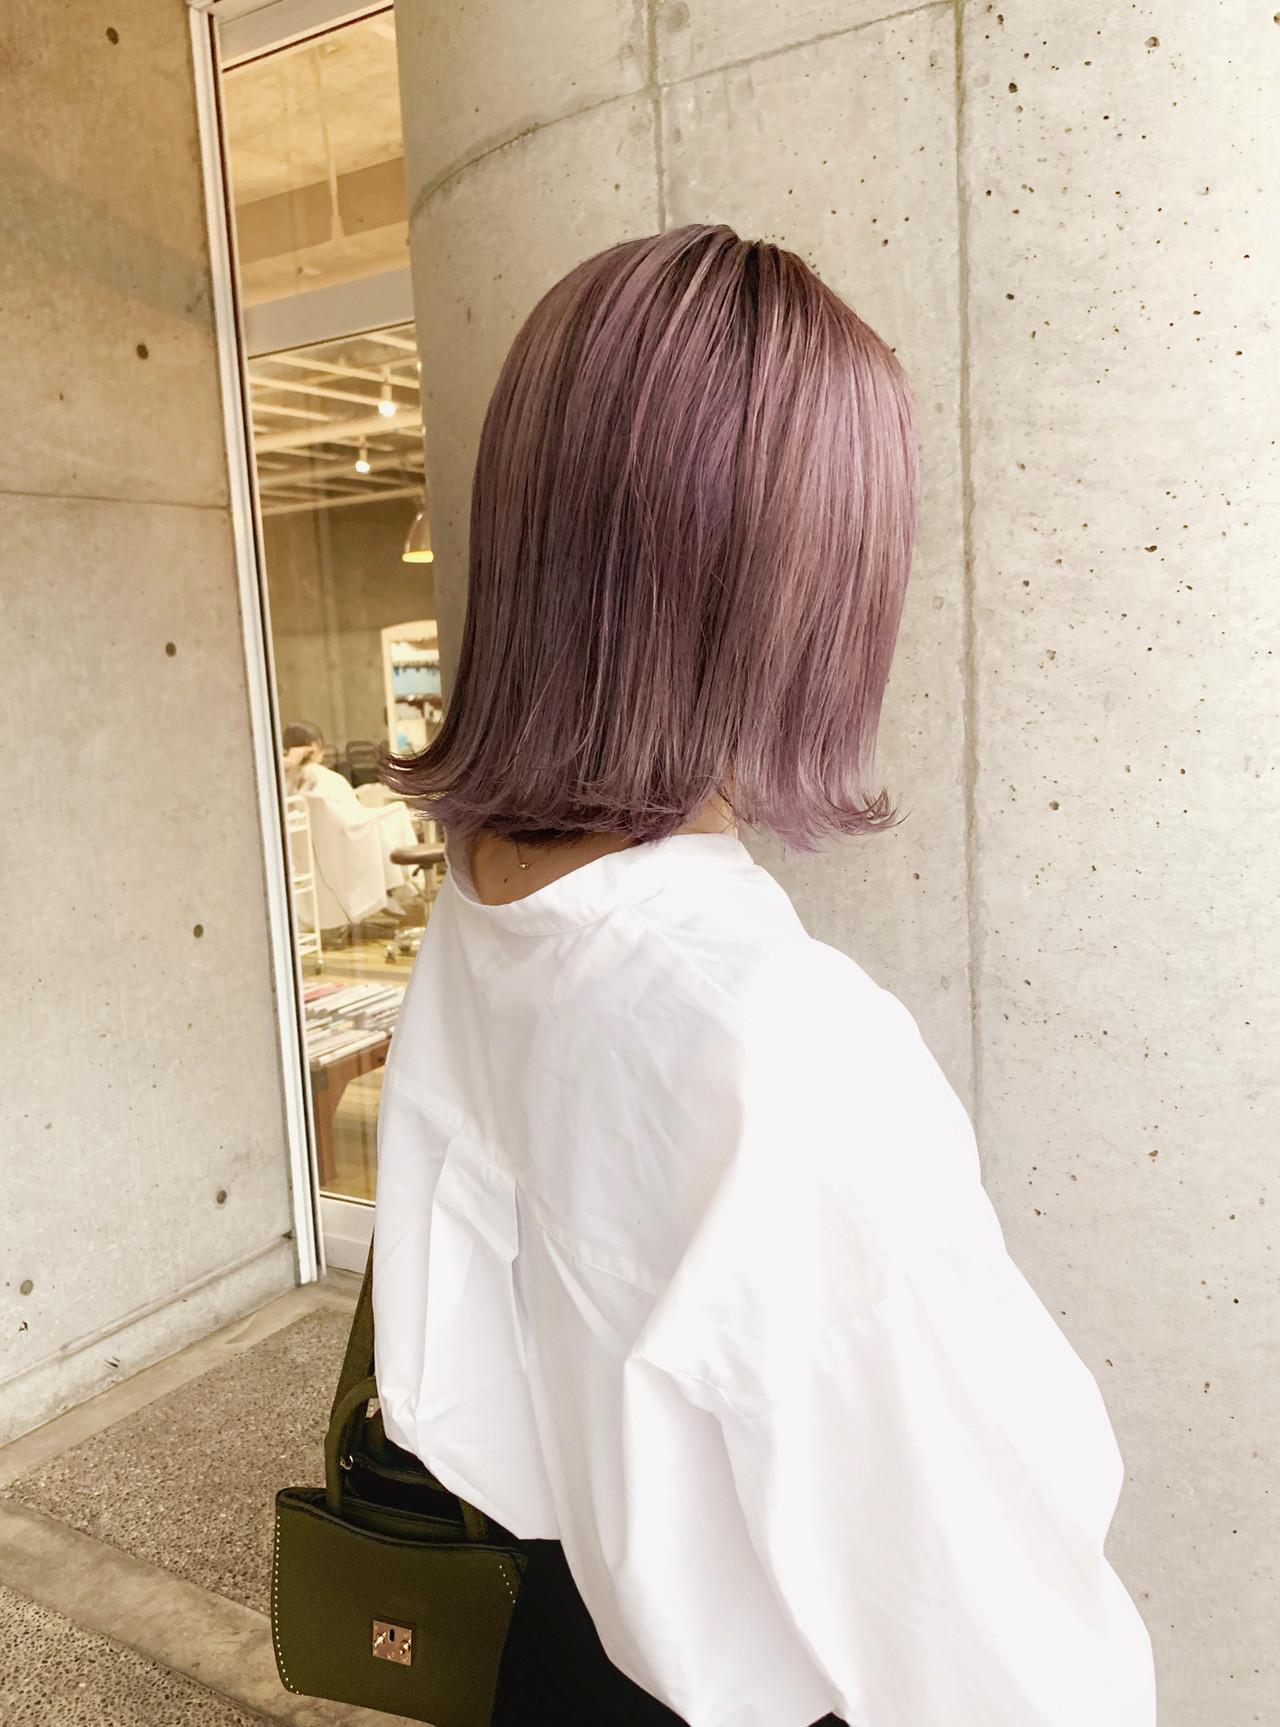 ラベンダーピンク ピンクラベンダー ブリーチ必須 透明感カラー ヘアスタイルや髪型の写真・画像